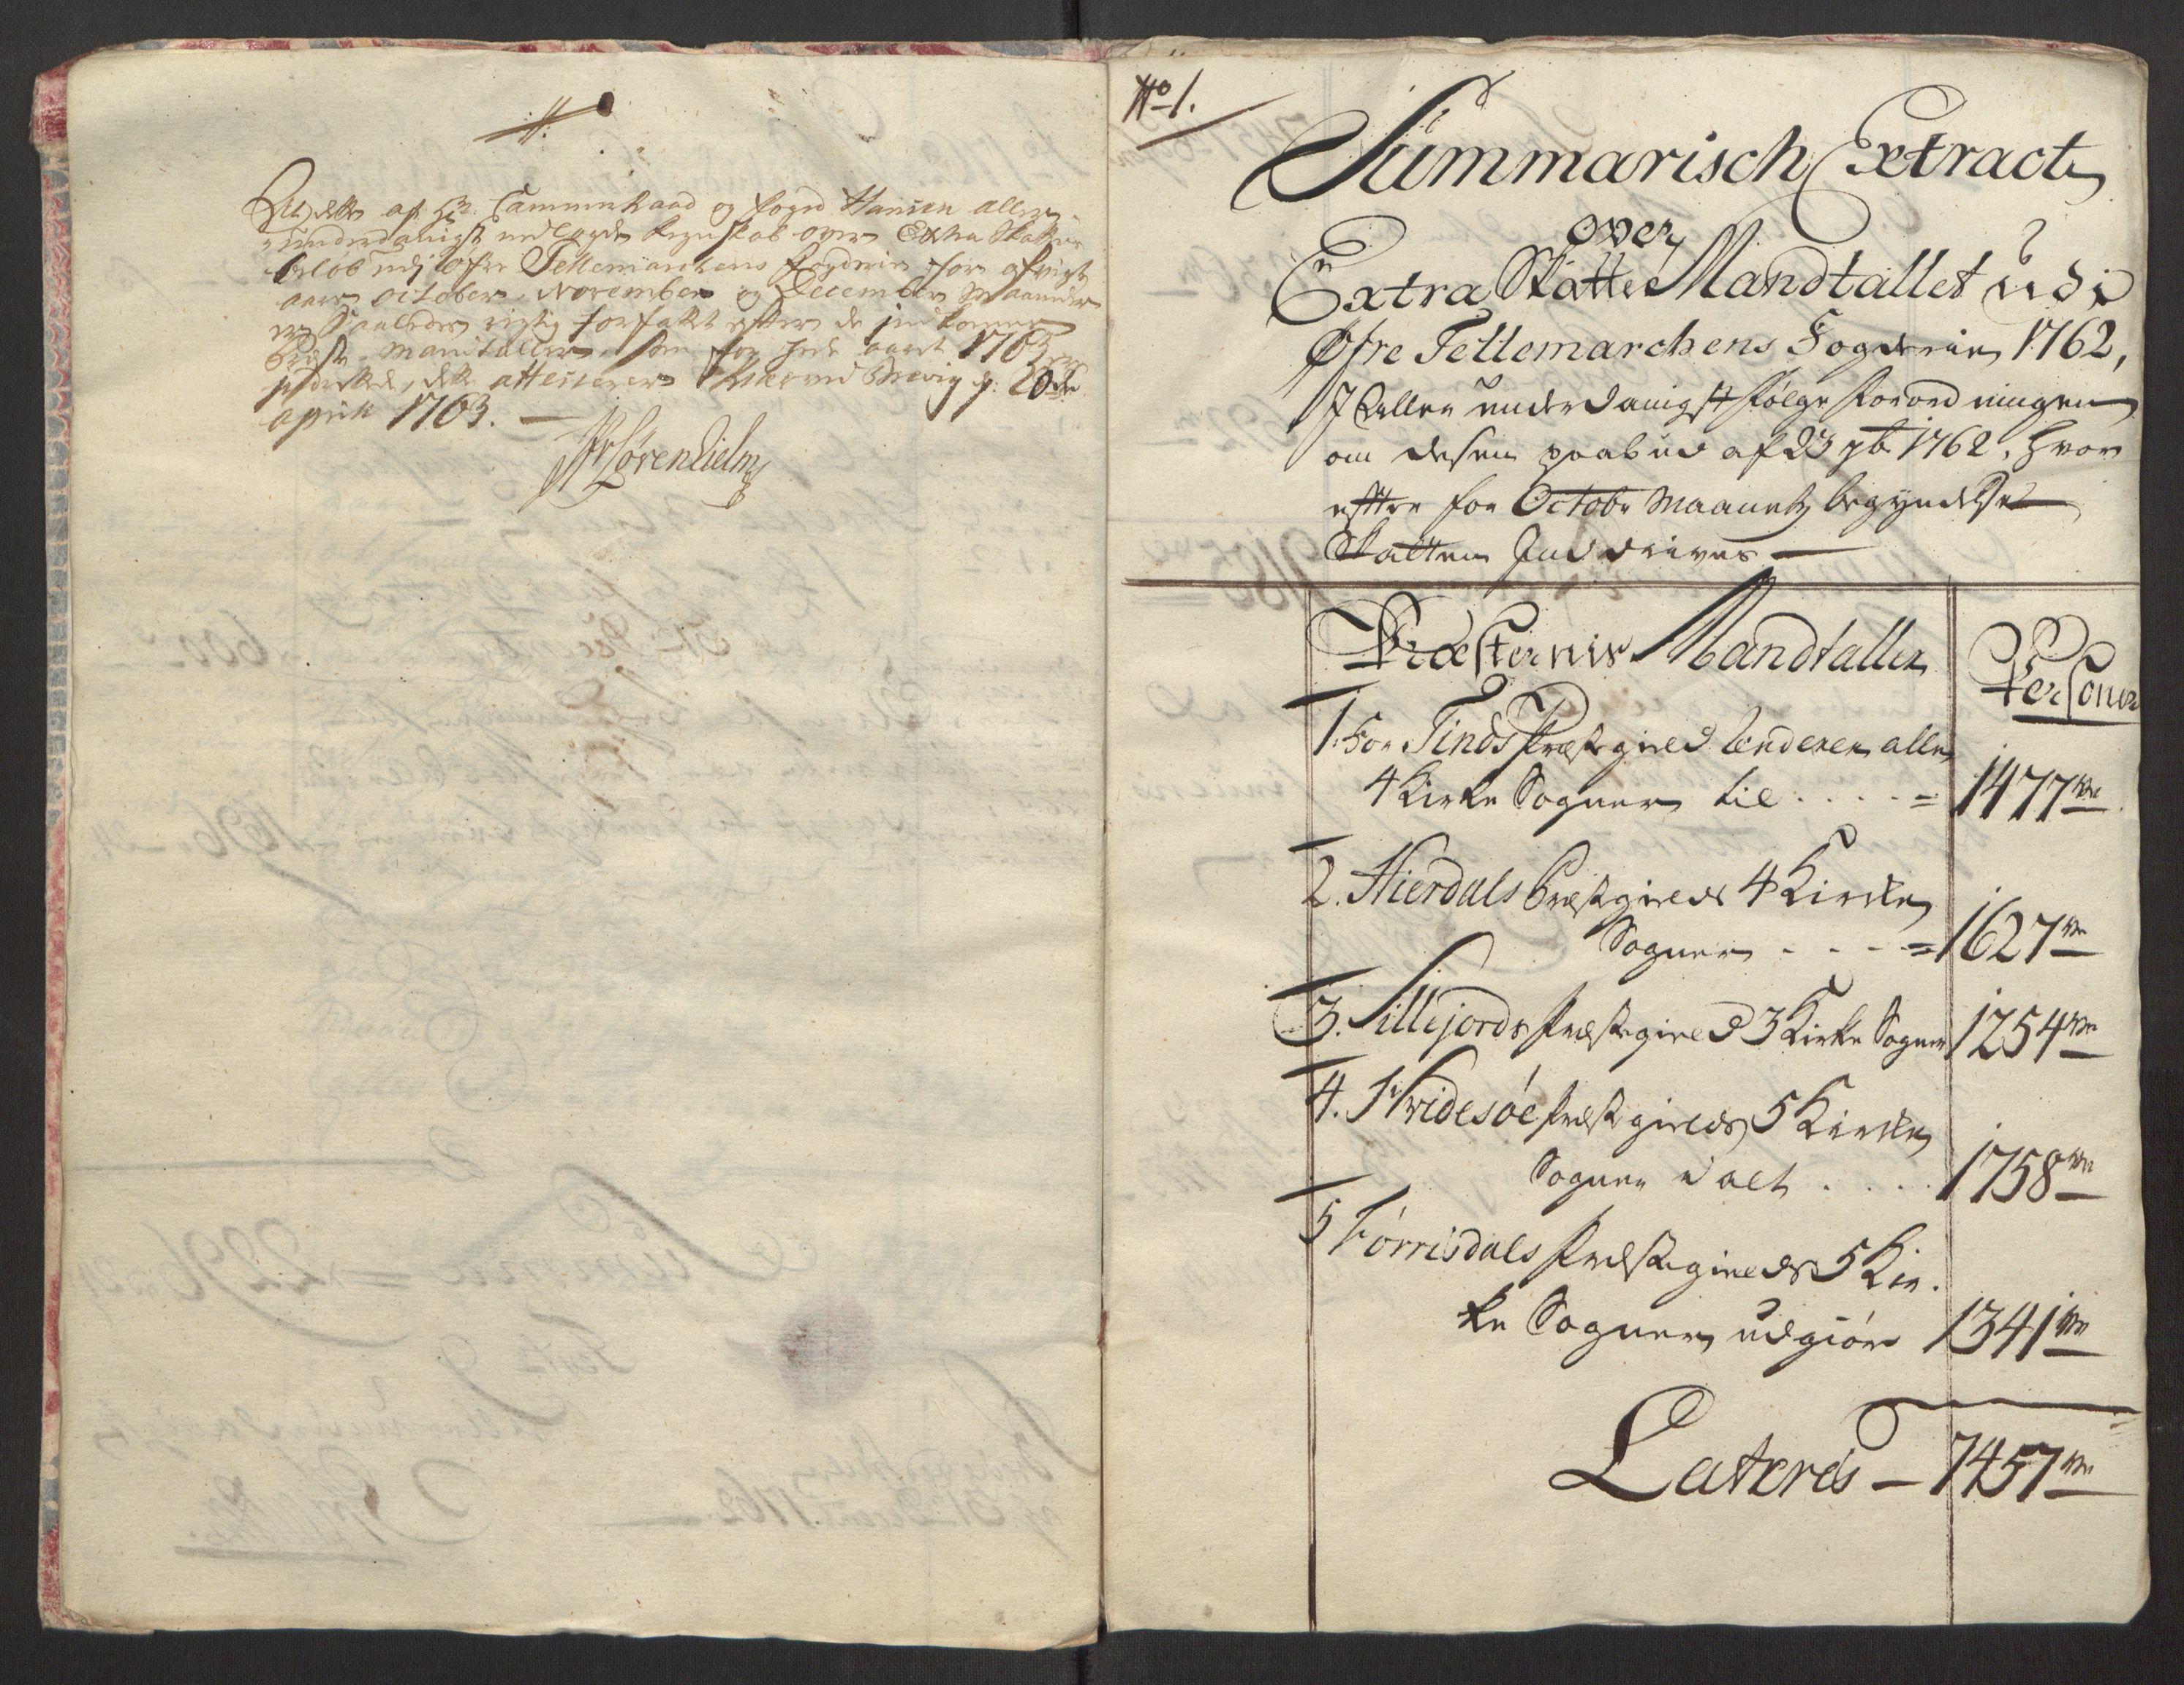 RA, Rentekammeret inntil 1814, Reviderte regnskaper, Fogderegnskap, R38/L2293: Ekstraskatten Øvre Telemark, 1762-1770, s. 6